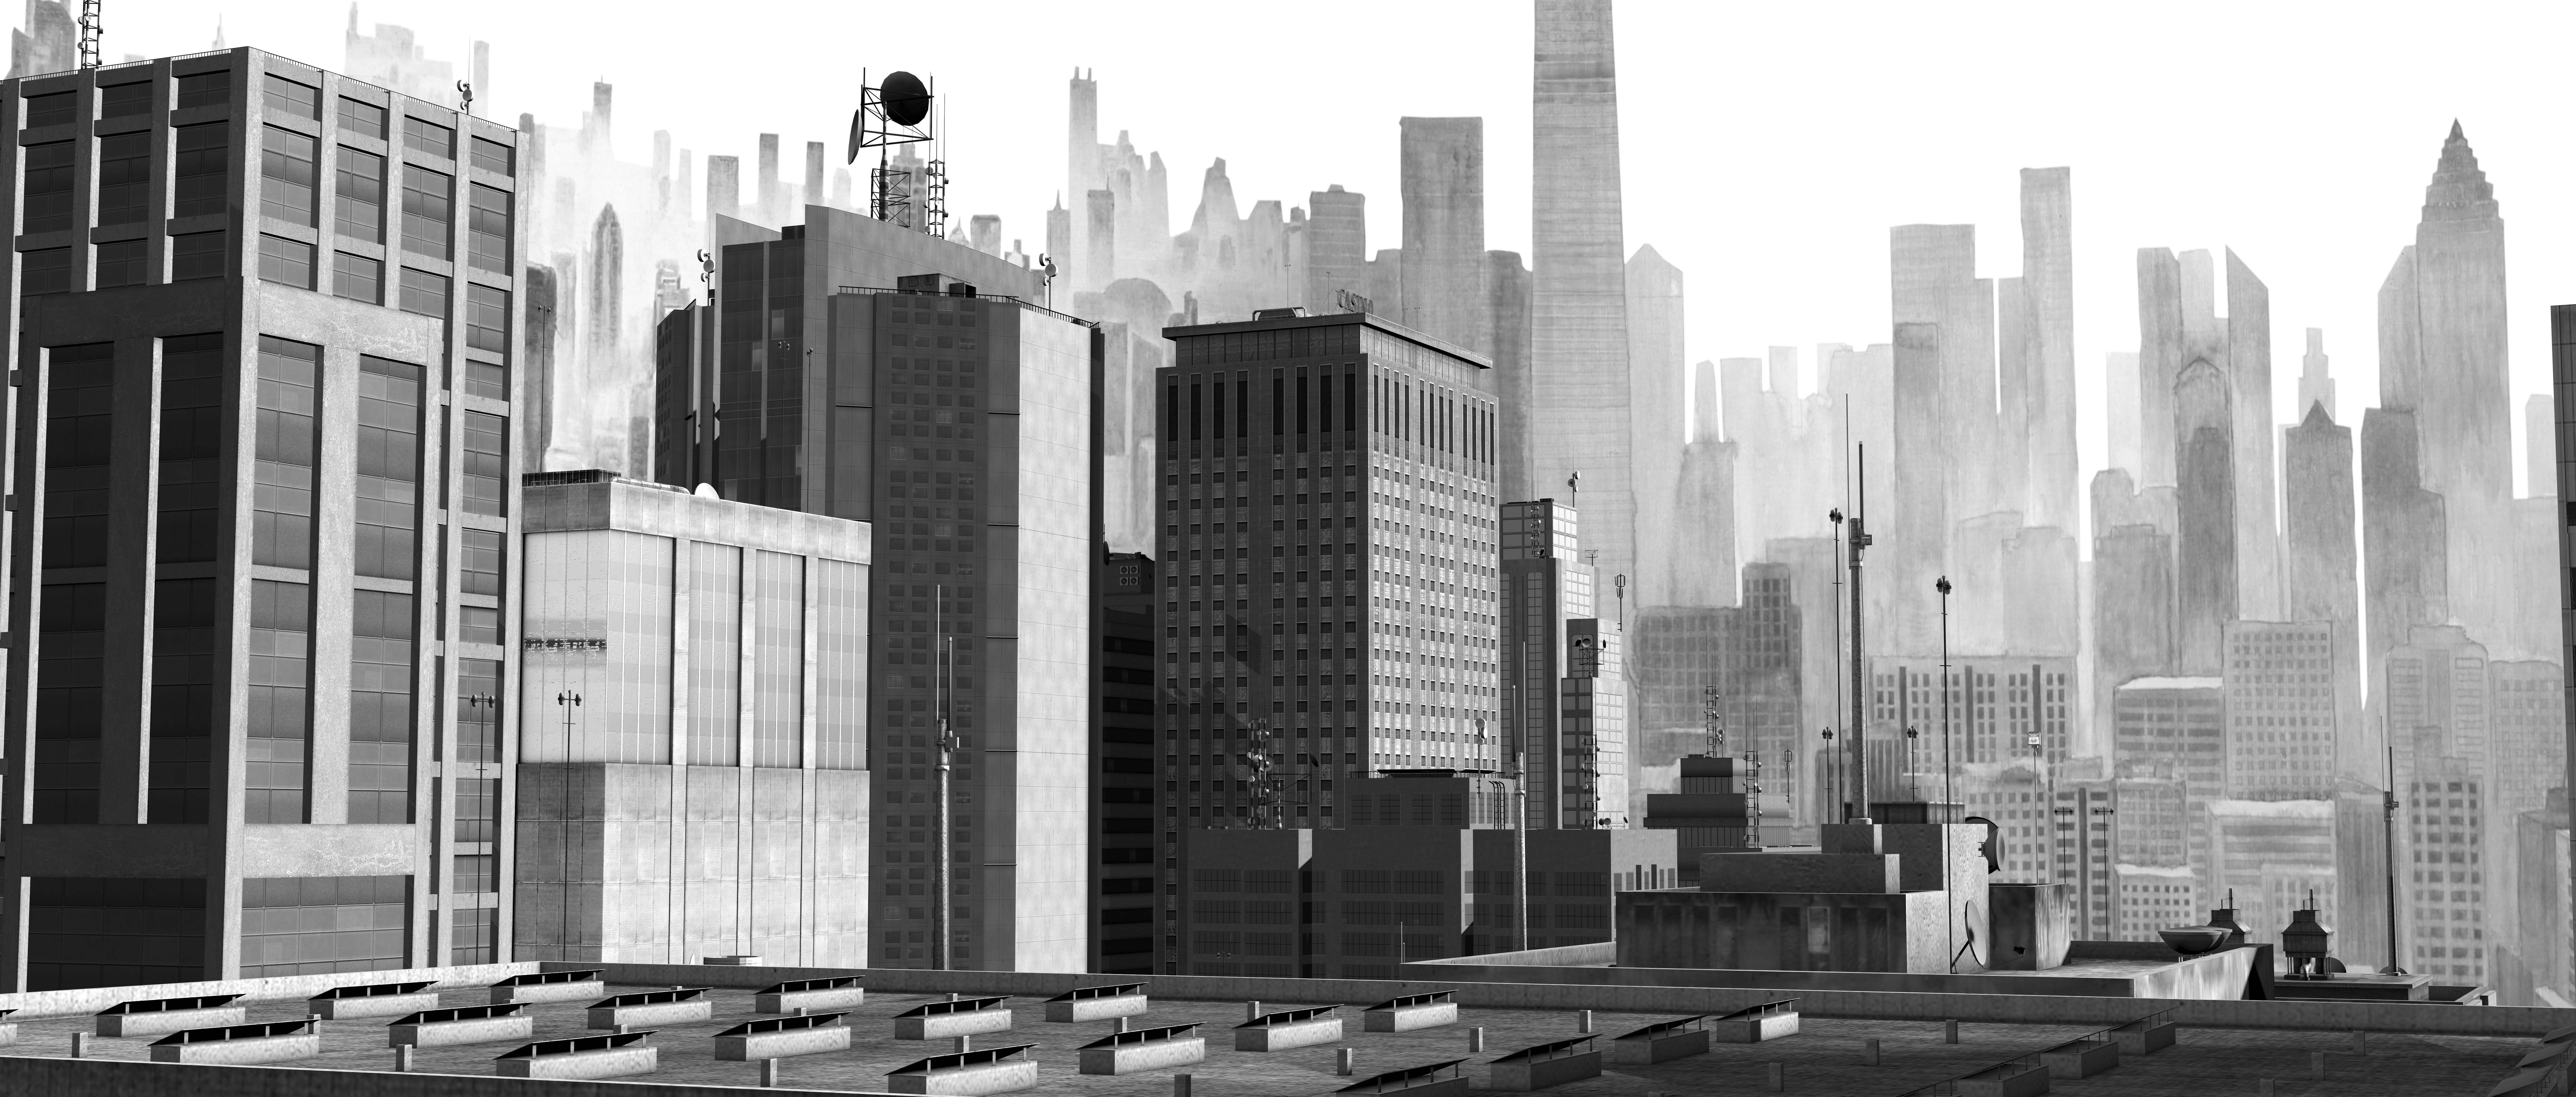 邱黯雄,《新山海经3》影像截图,2018,视频动画,30分钟©️邱黯雄,致谢艺术家和博而励画廊